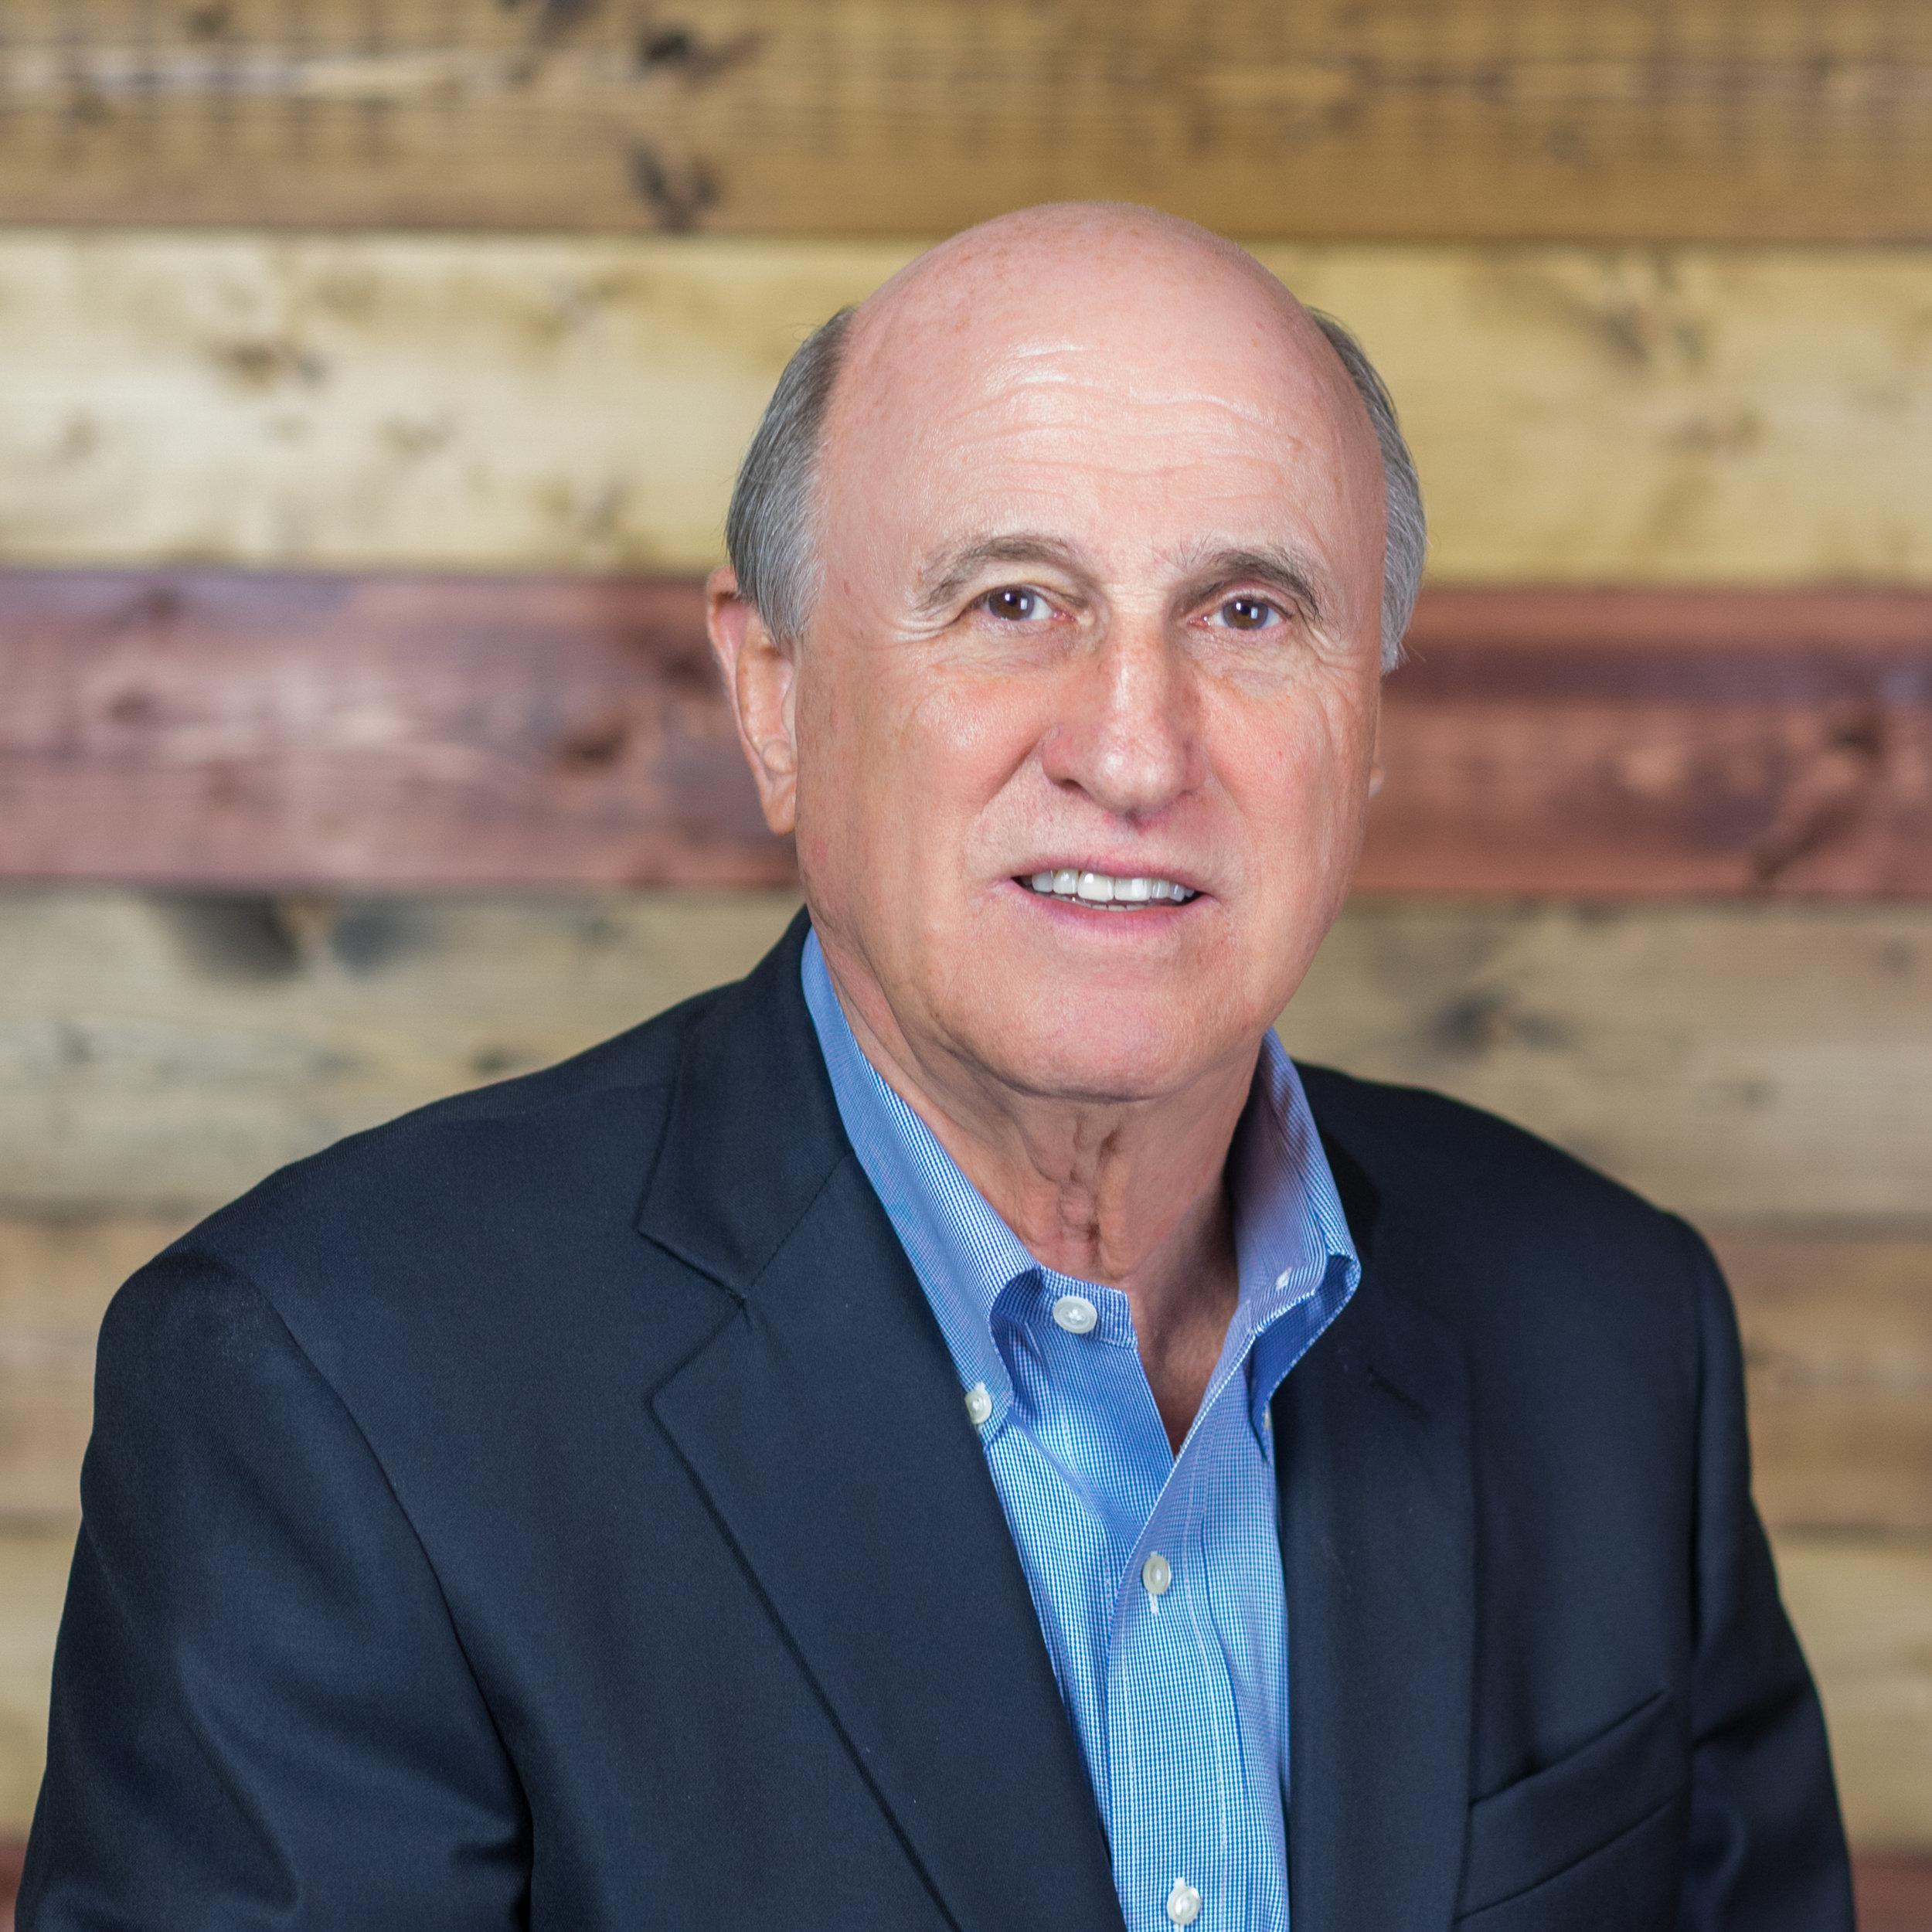 Russell Ginn, Chairman